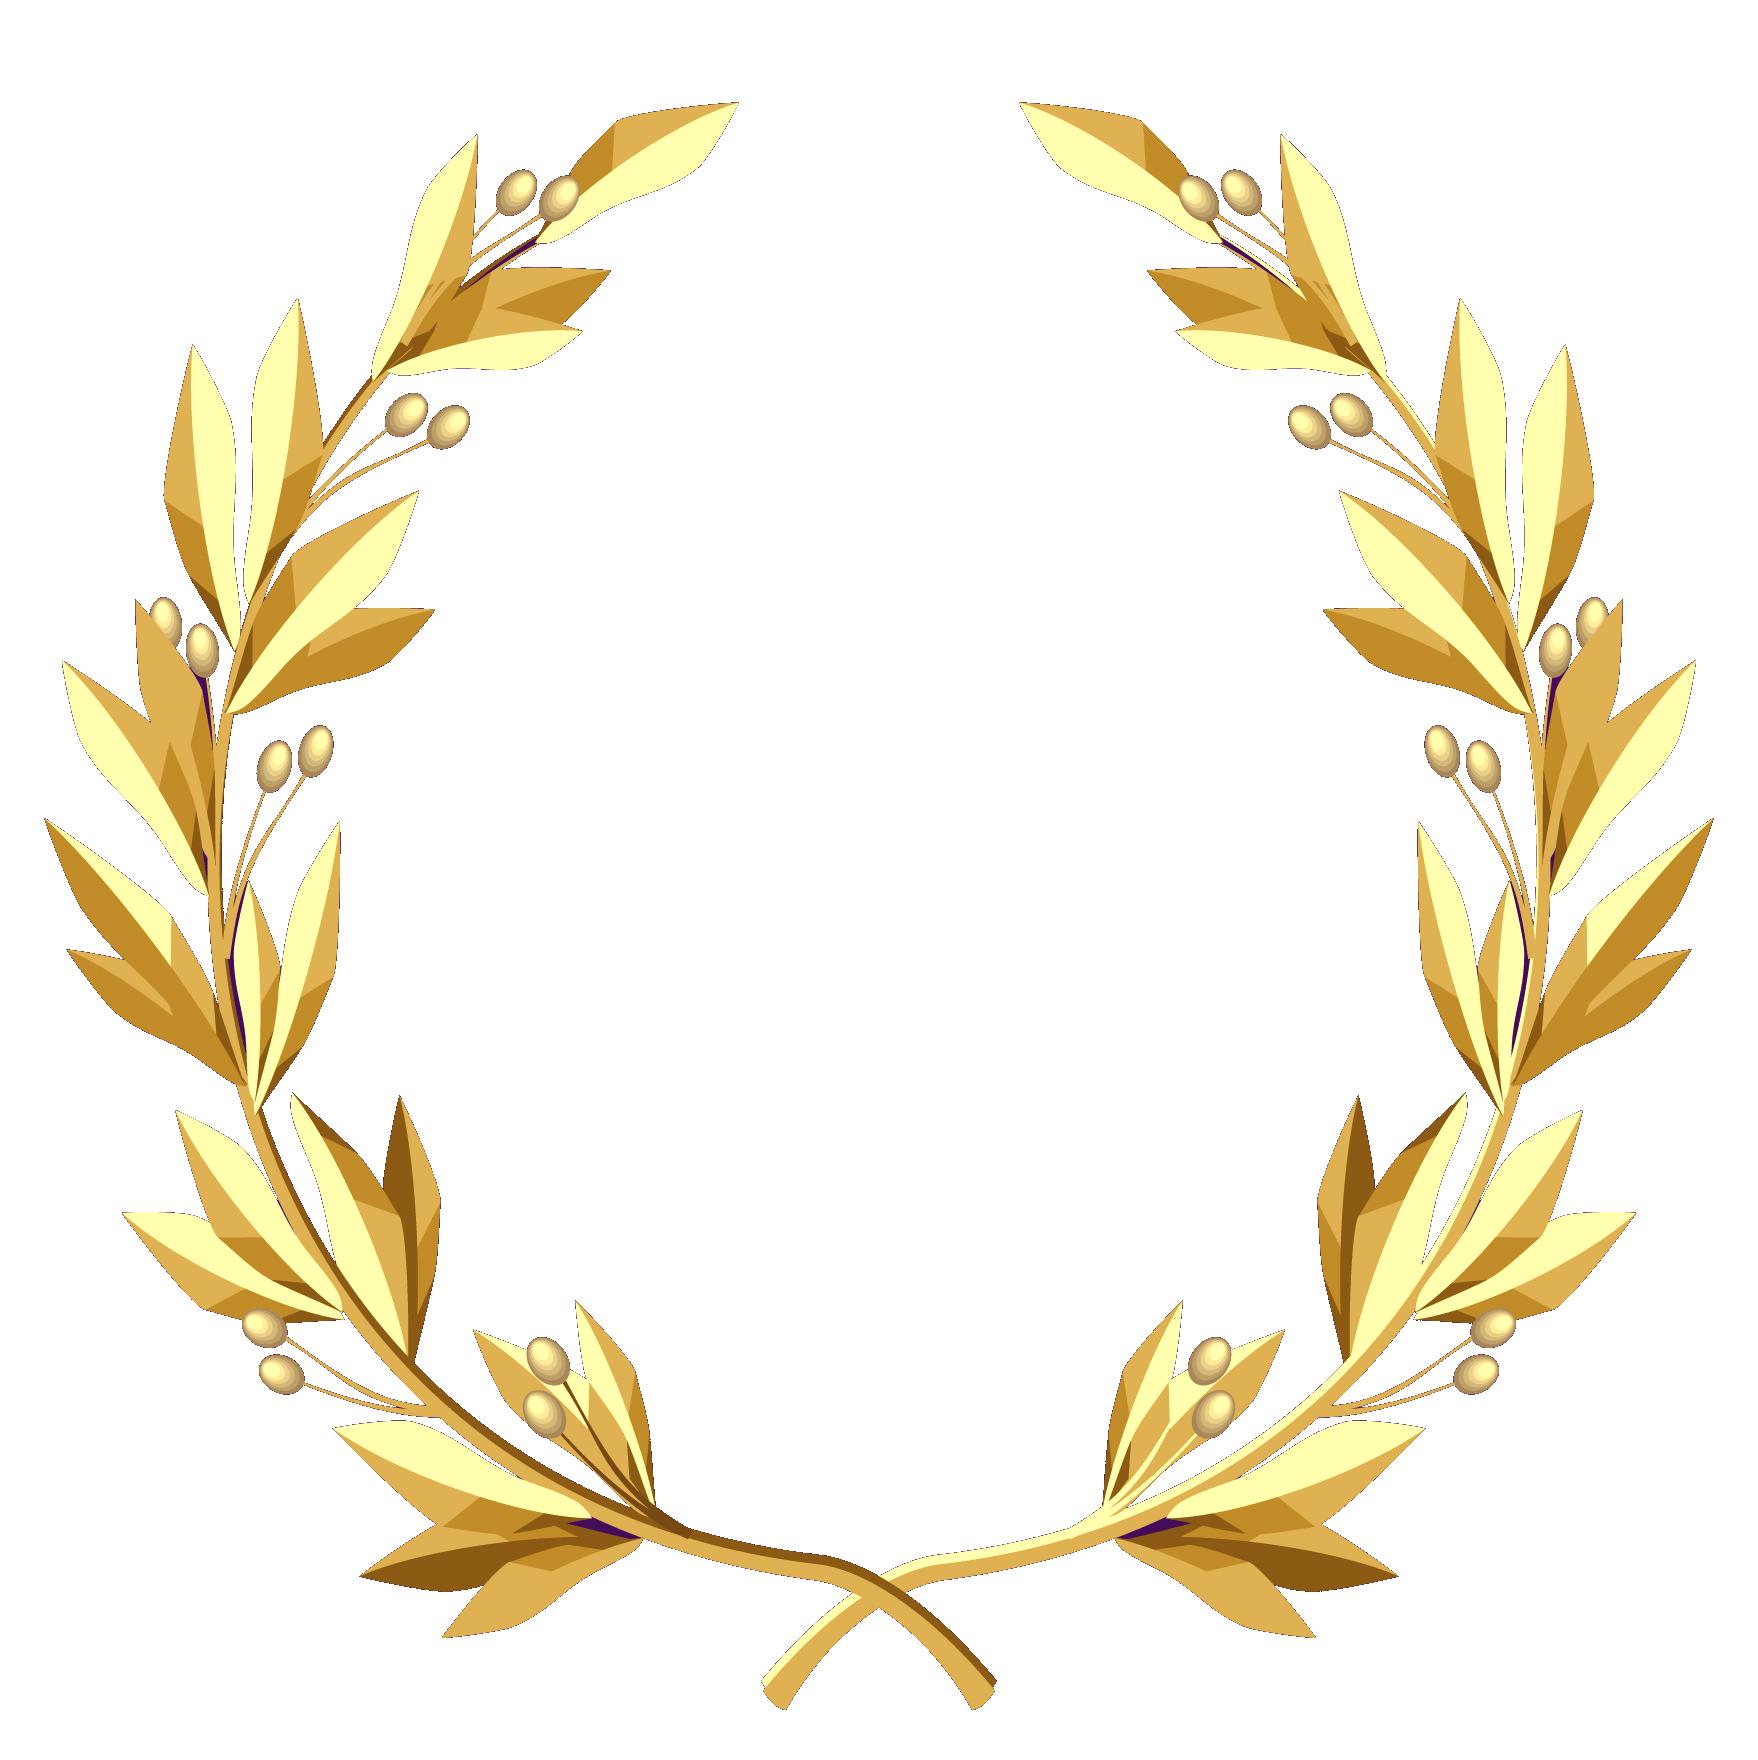 Greek clipart laurel wreath. Transparent gold png picture